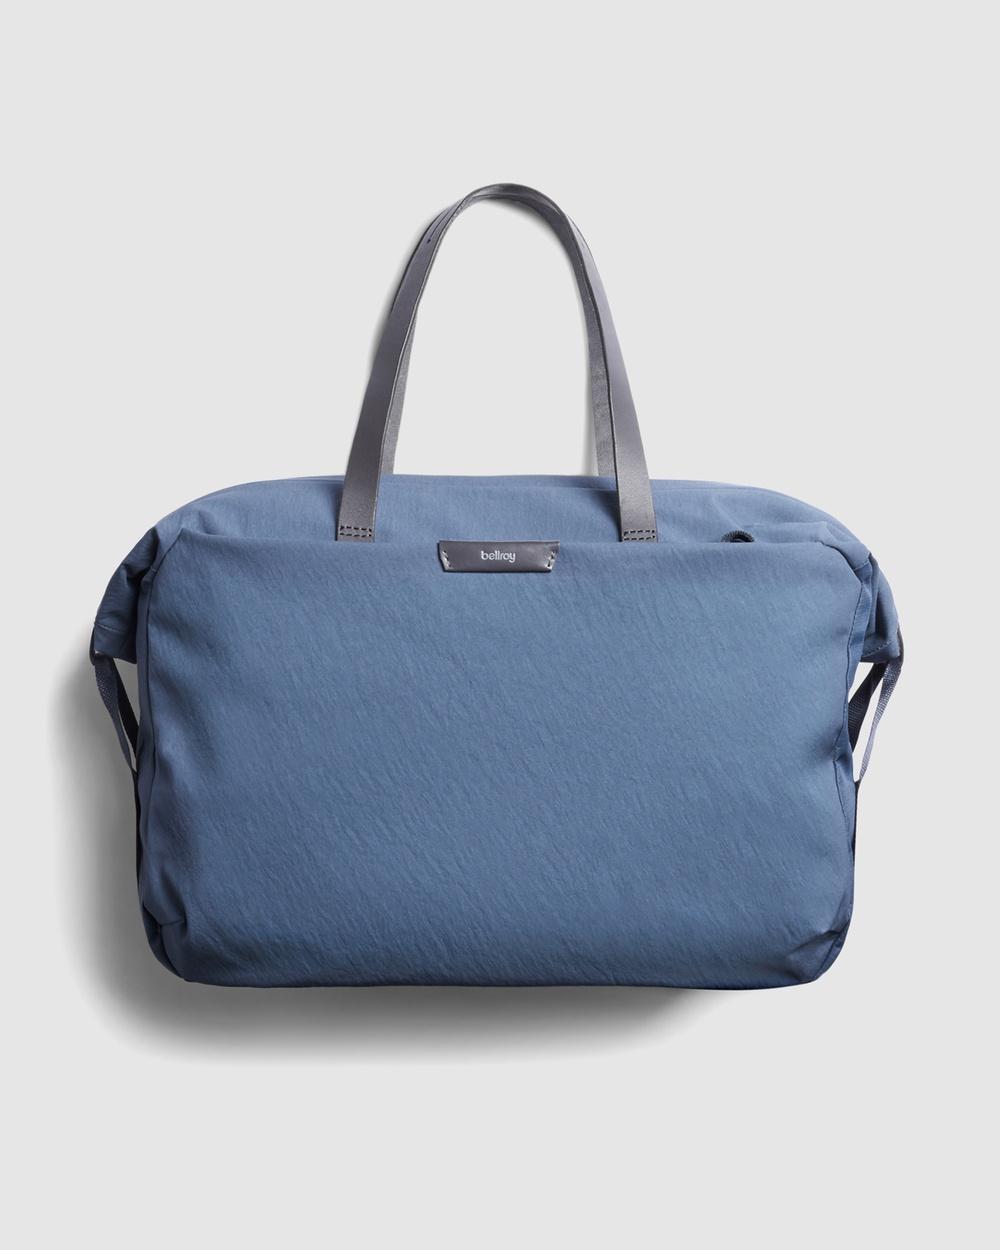 Bellroy Weekender Duffle Bags Blue